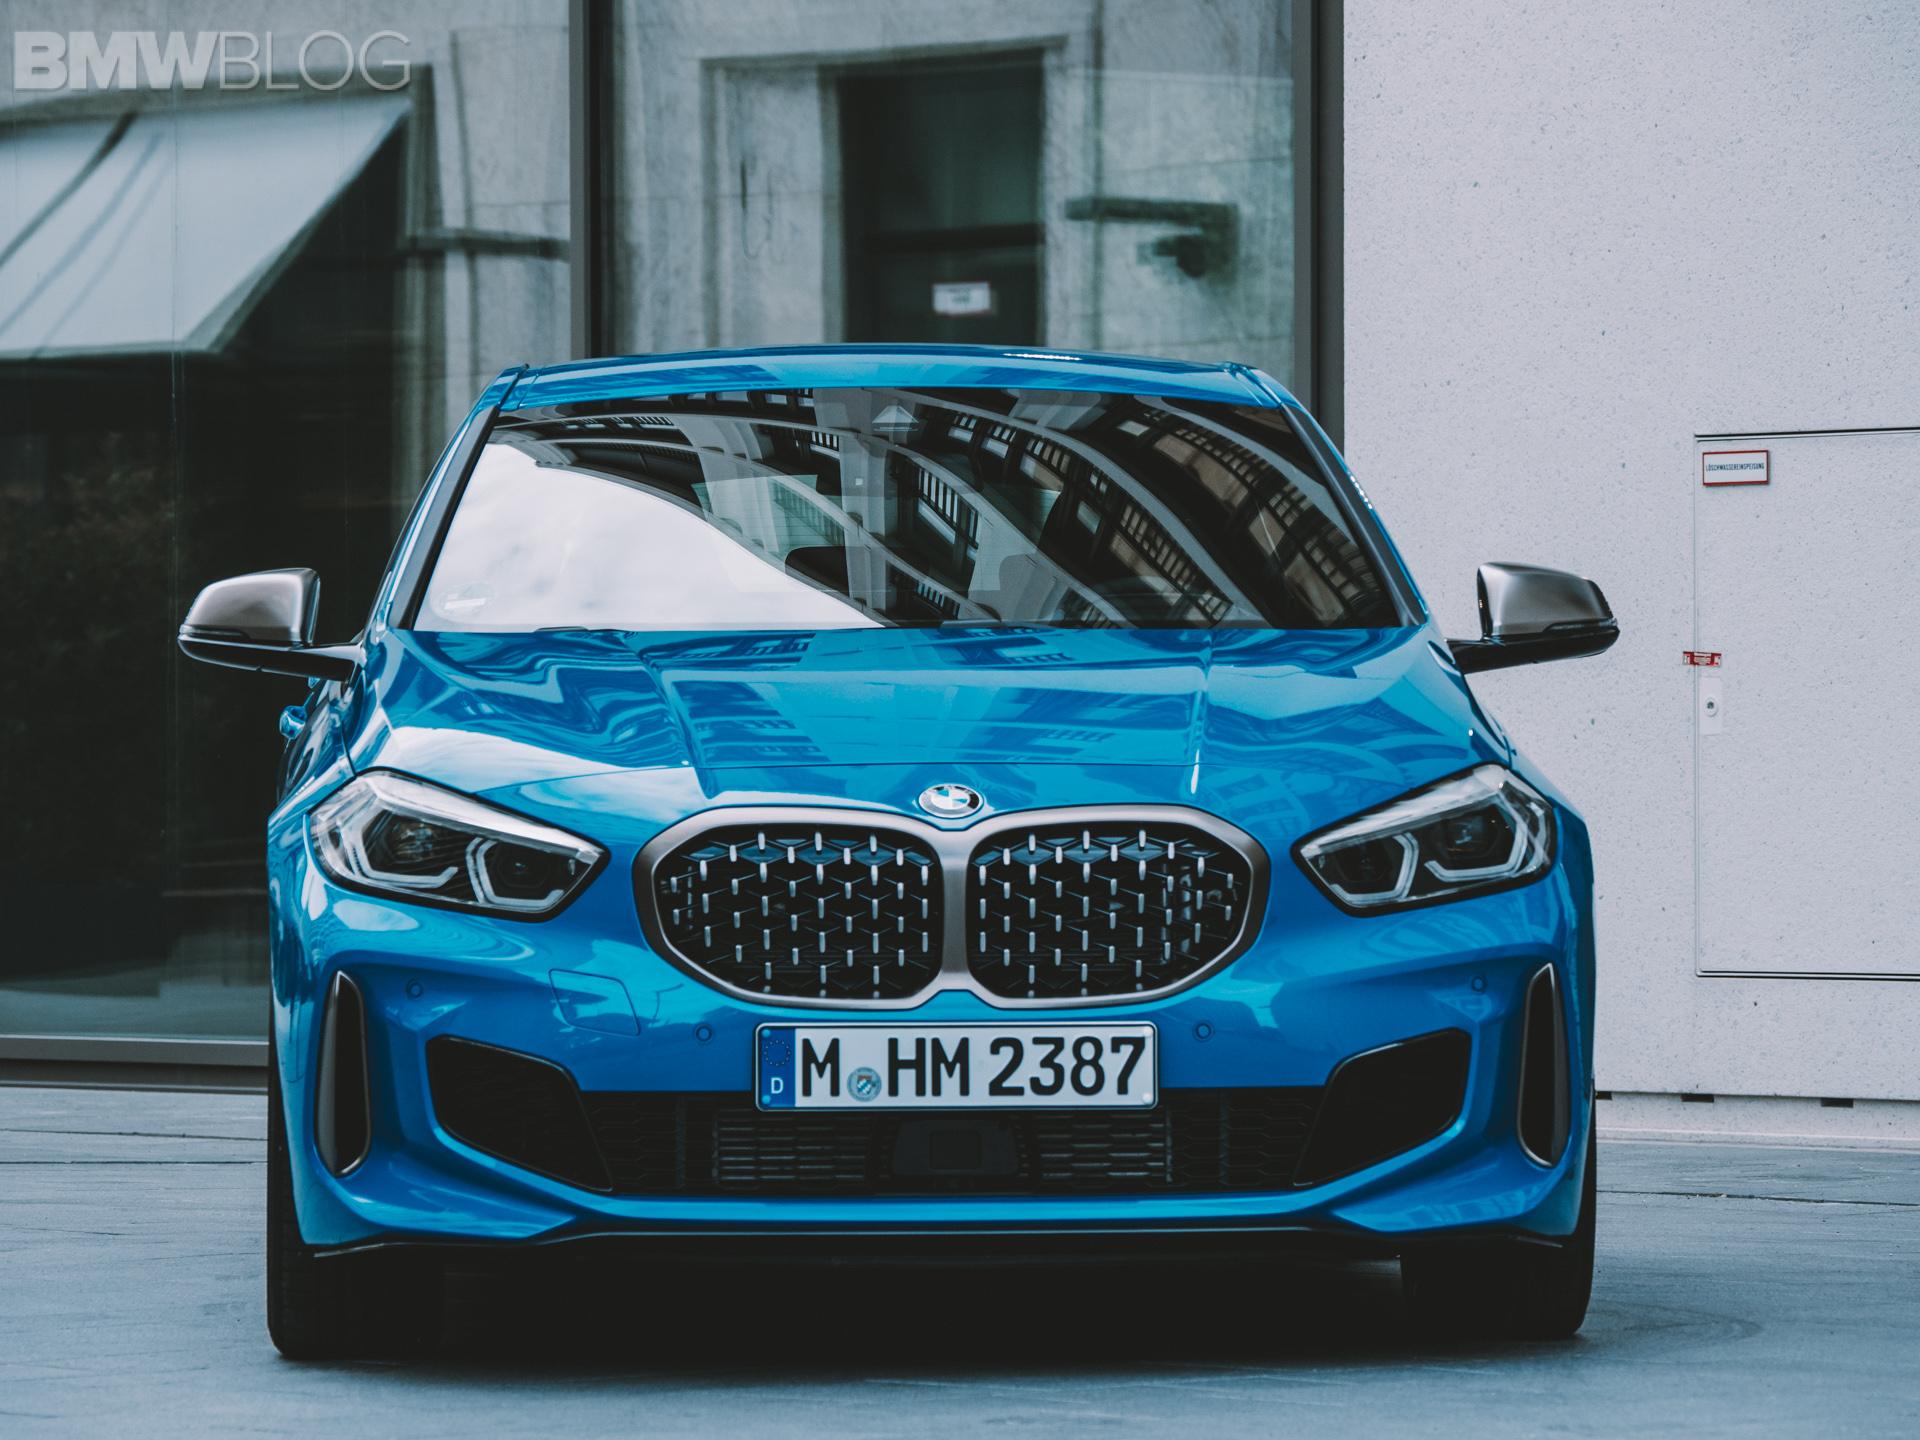 BMW M135I xDrive test drive 11